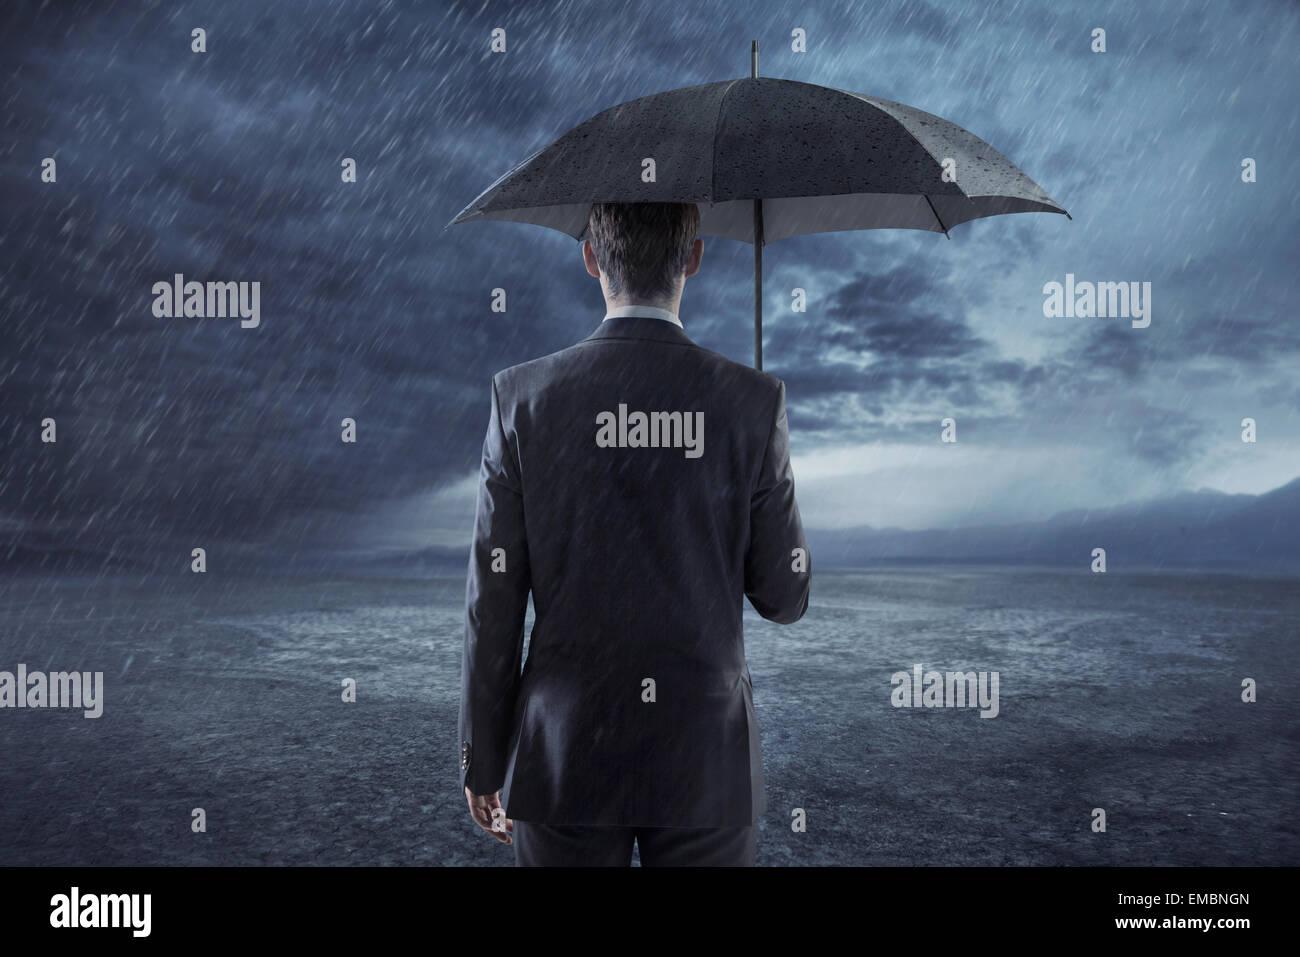 Deprimiert Geschäftsmann stehend mit einem Regenschirm Stockfoto